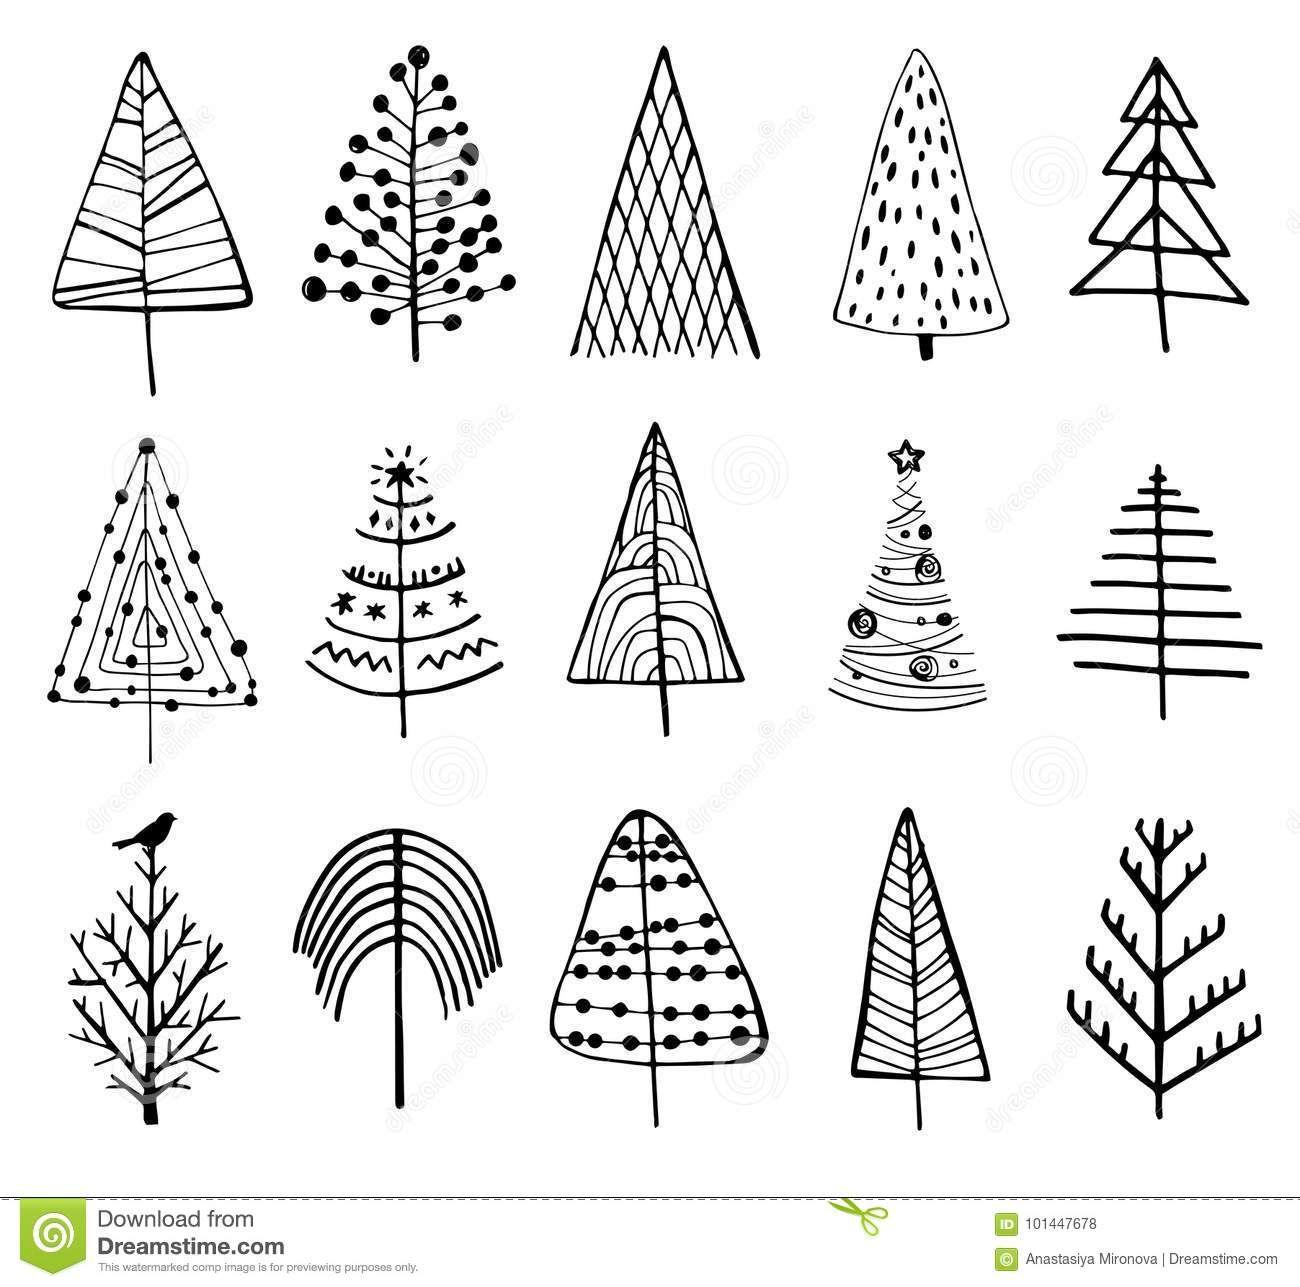 Illustration About 15 Designs Of Doodle Christmas Trees To Create Holiday Cards Backg Basteln Weihnachten Weihnachten Zeichnung Selbermachen Basteln Zu Hause